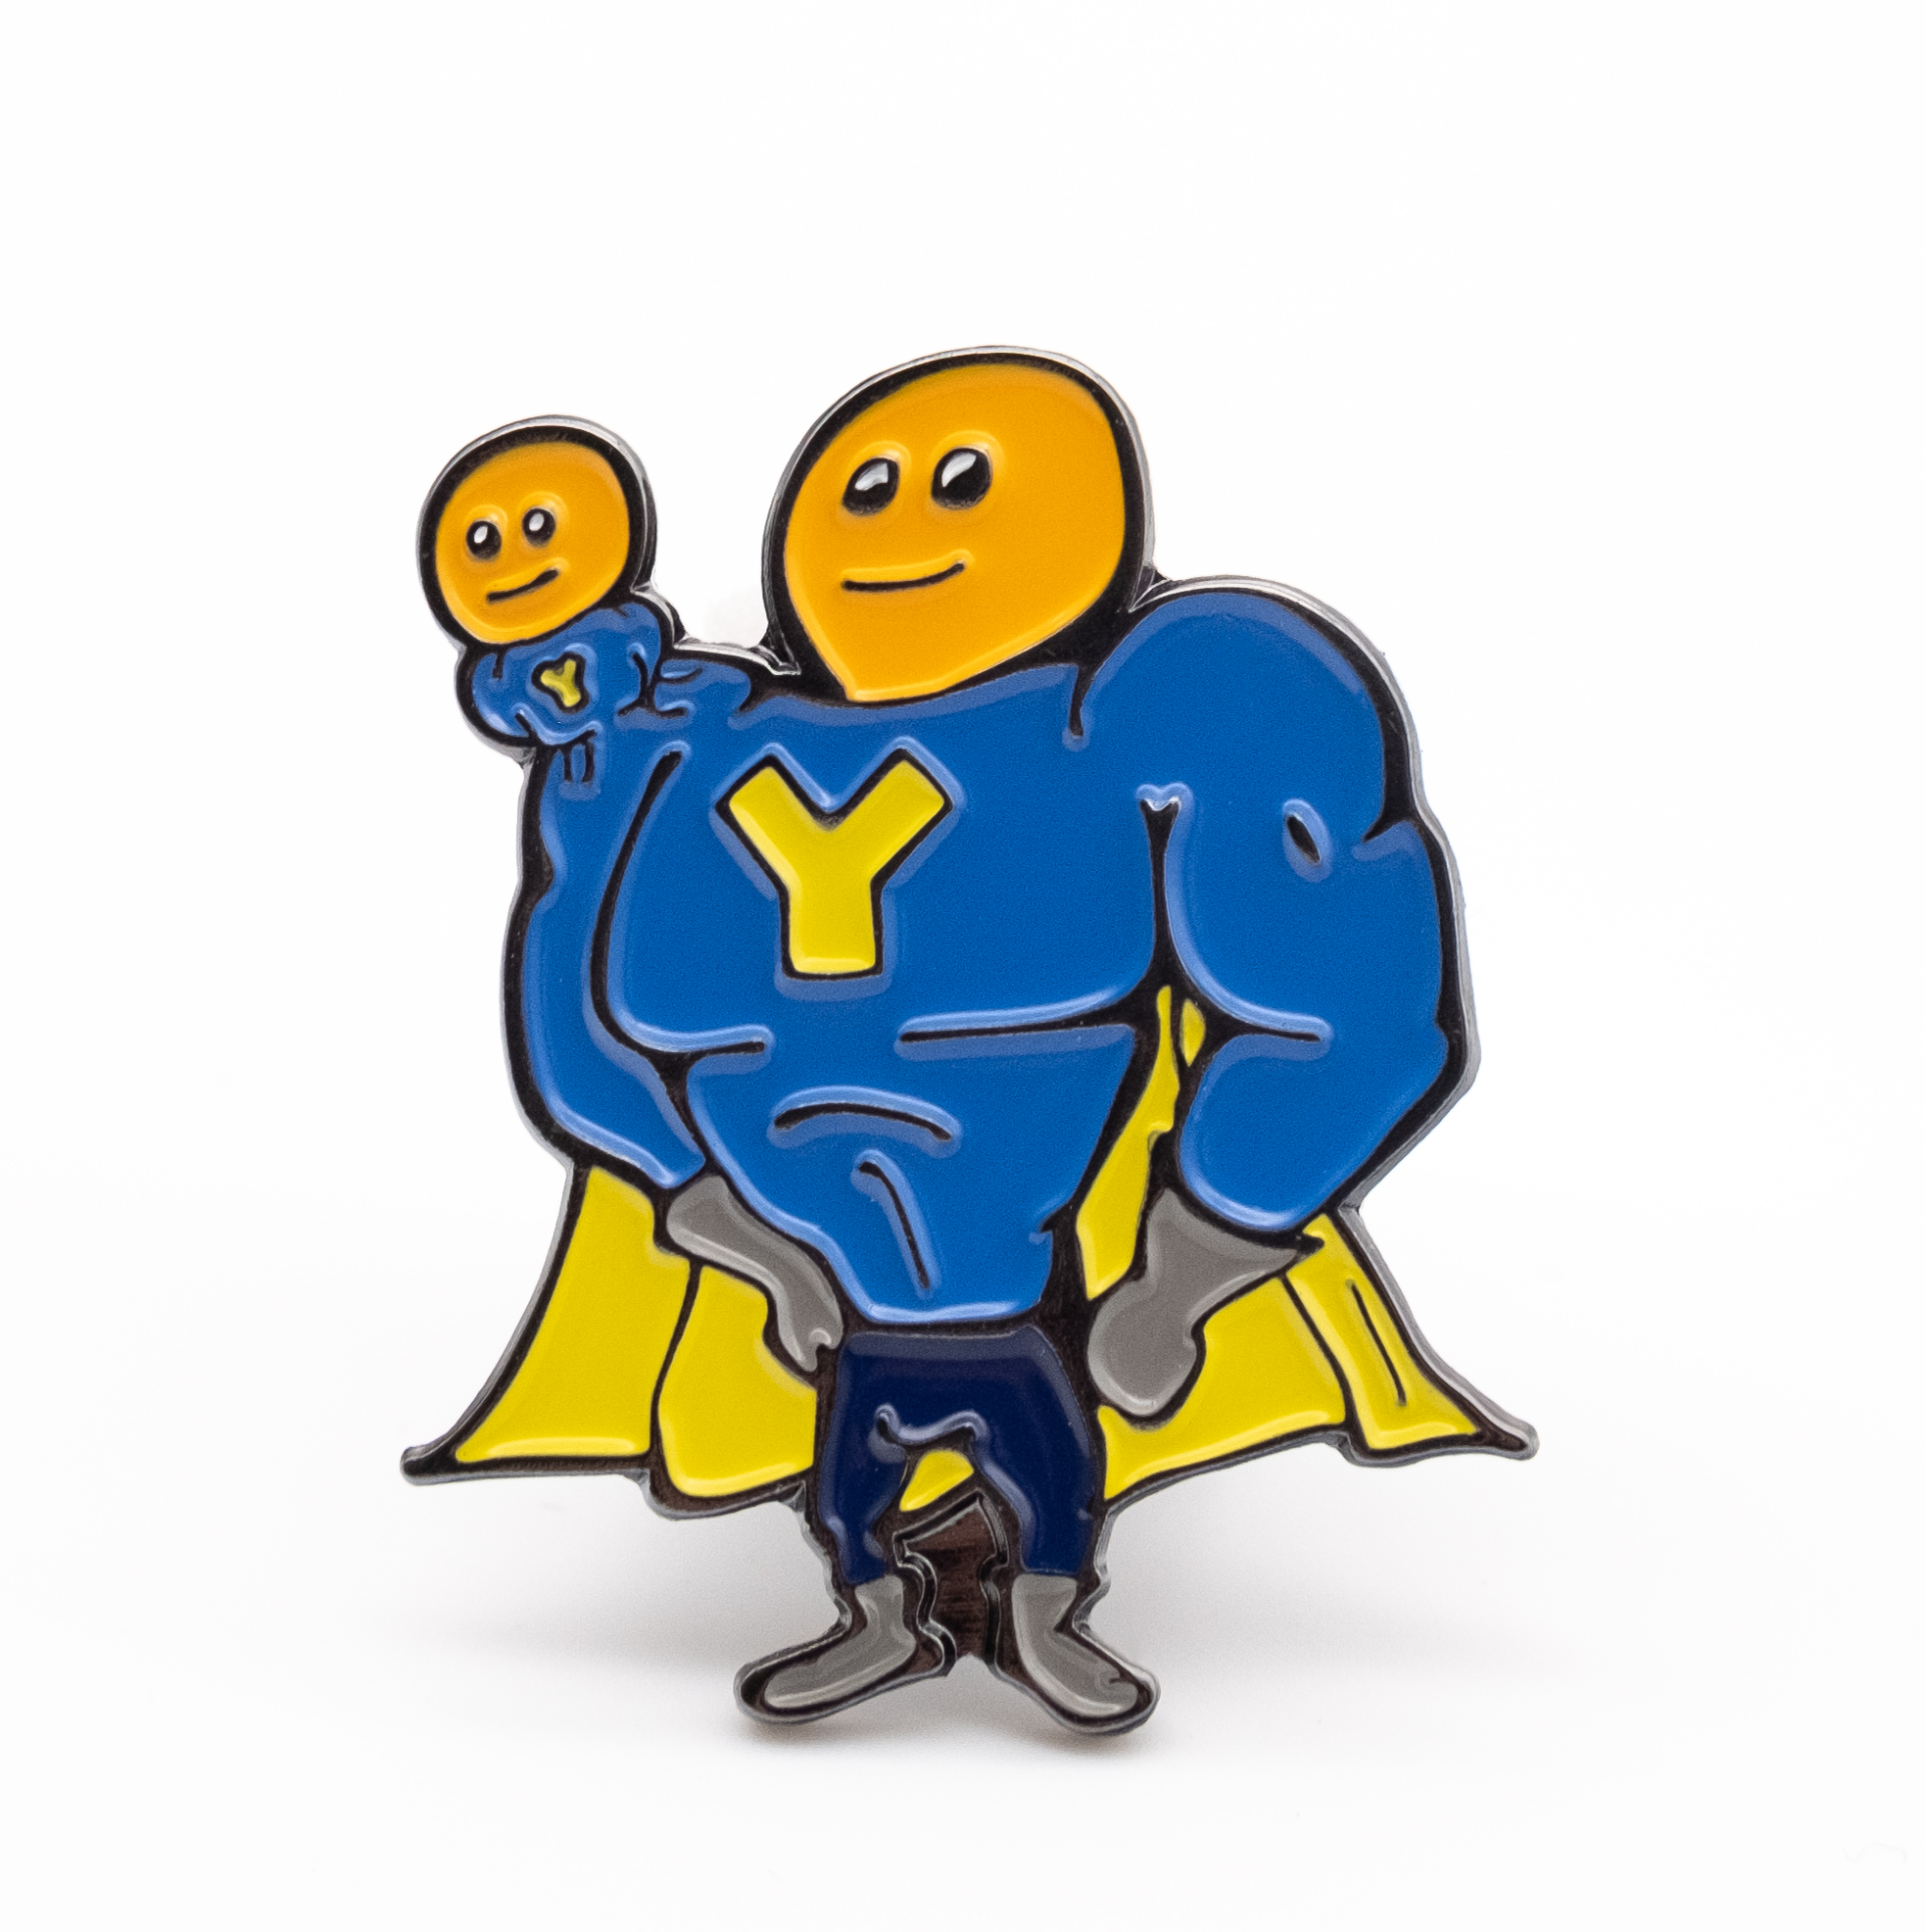 Yeastman pin photo